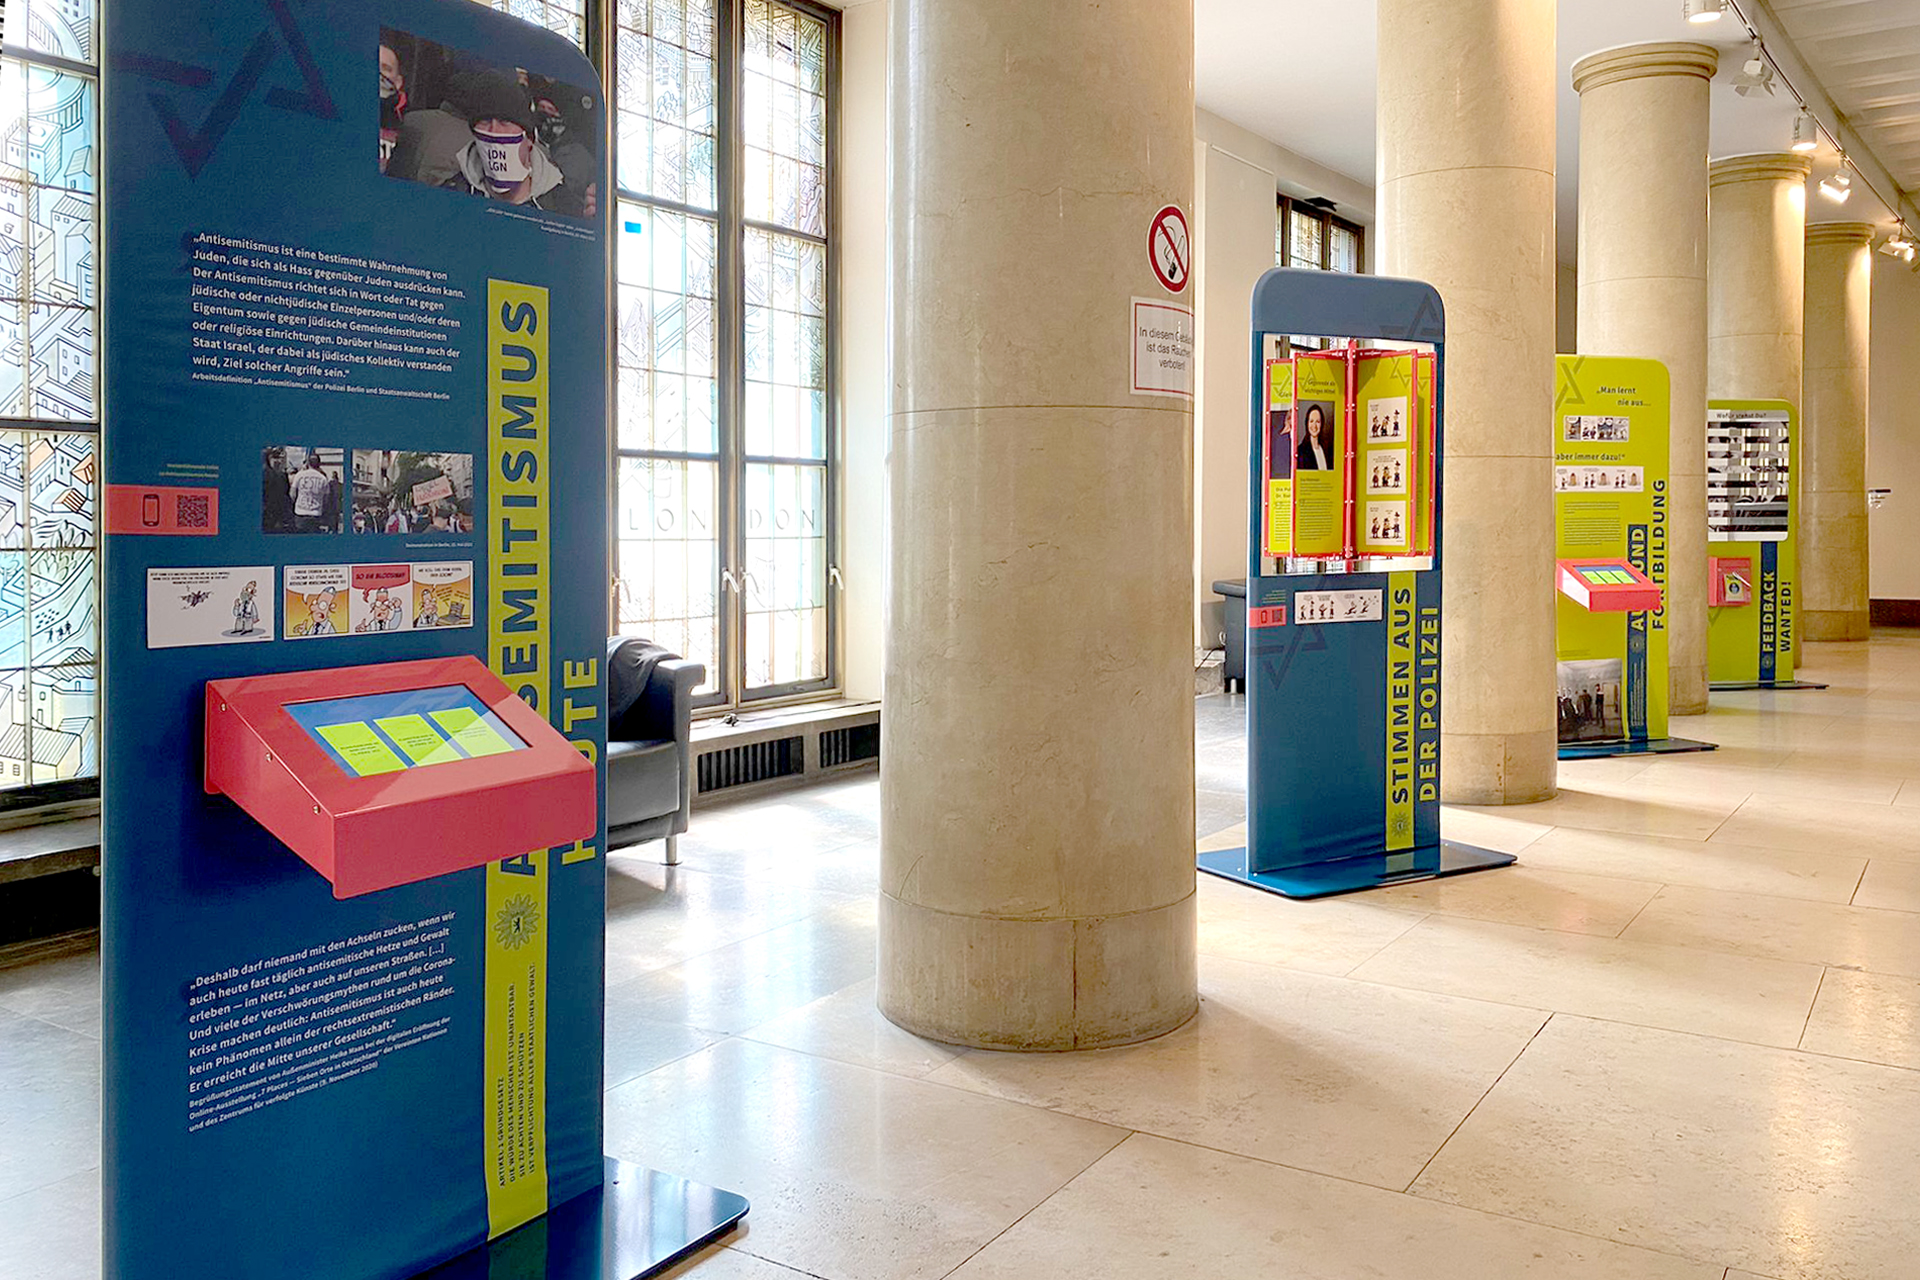 Ausstellung zum Thema »Jüdisches Leben und Polizei« eröffnet am 01.09.2021 im Foyer des Polizeipräsidiums am Platz der Luftbrücke, Berlin